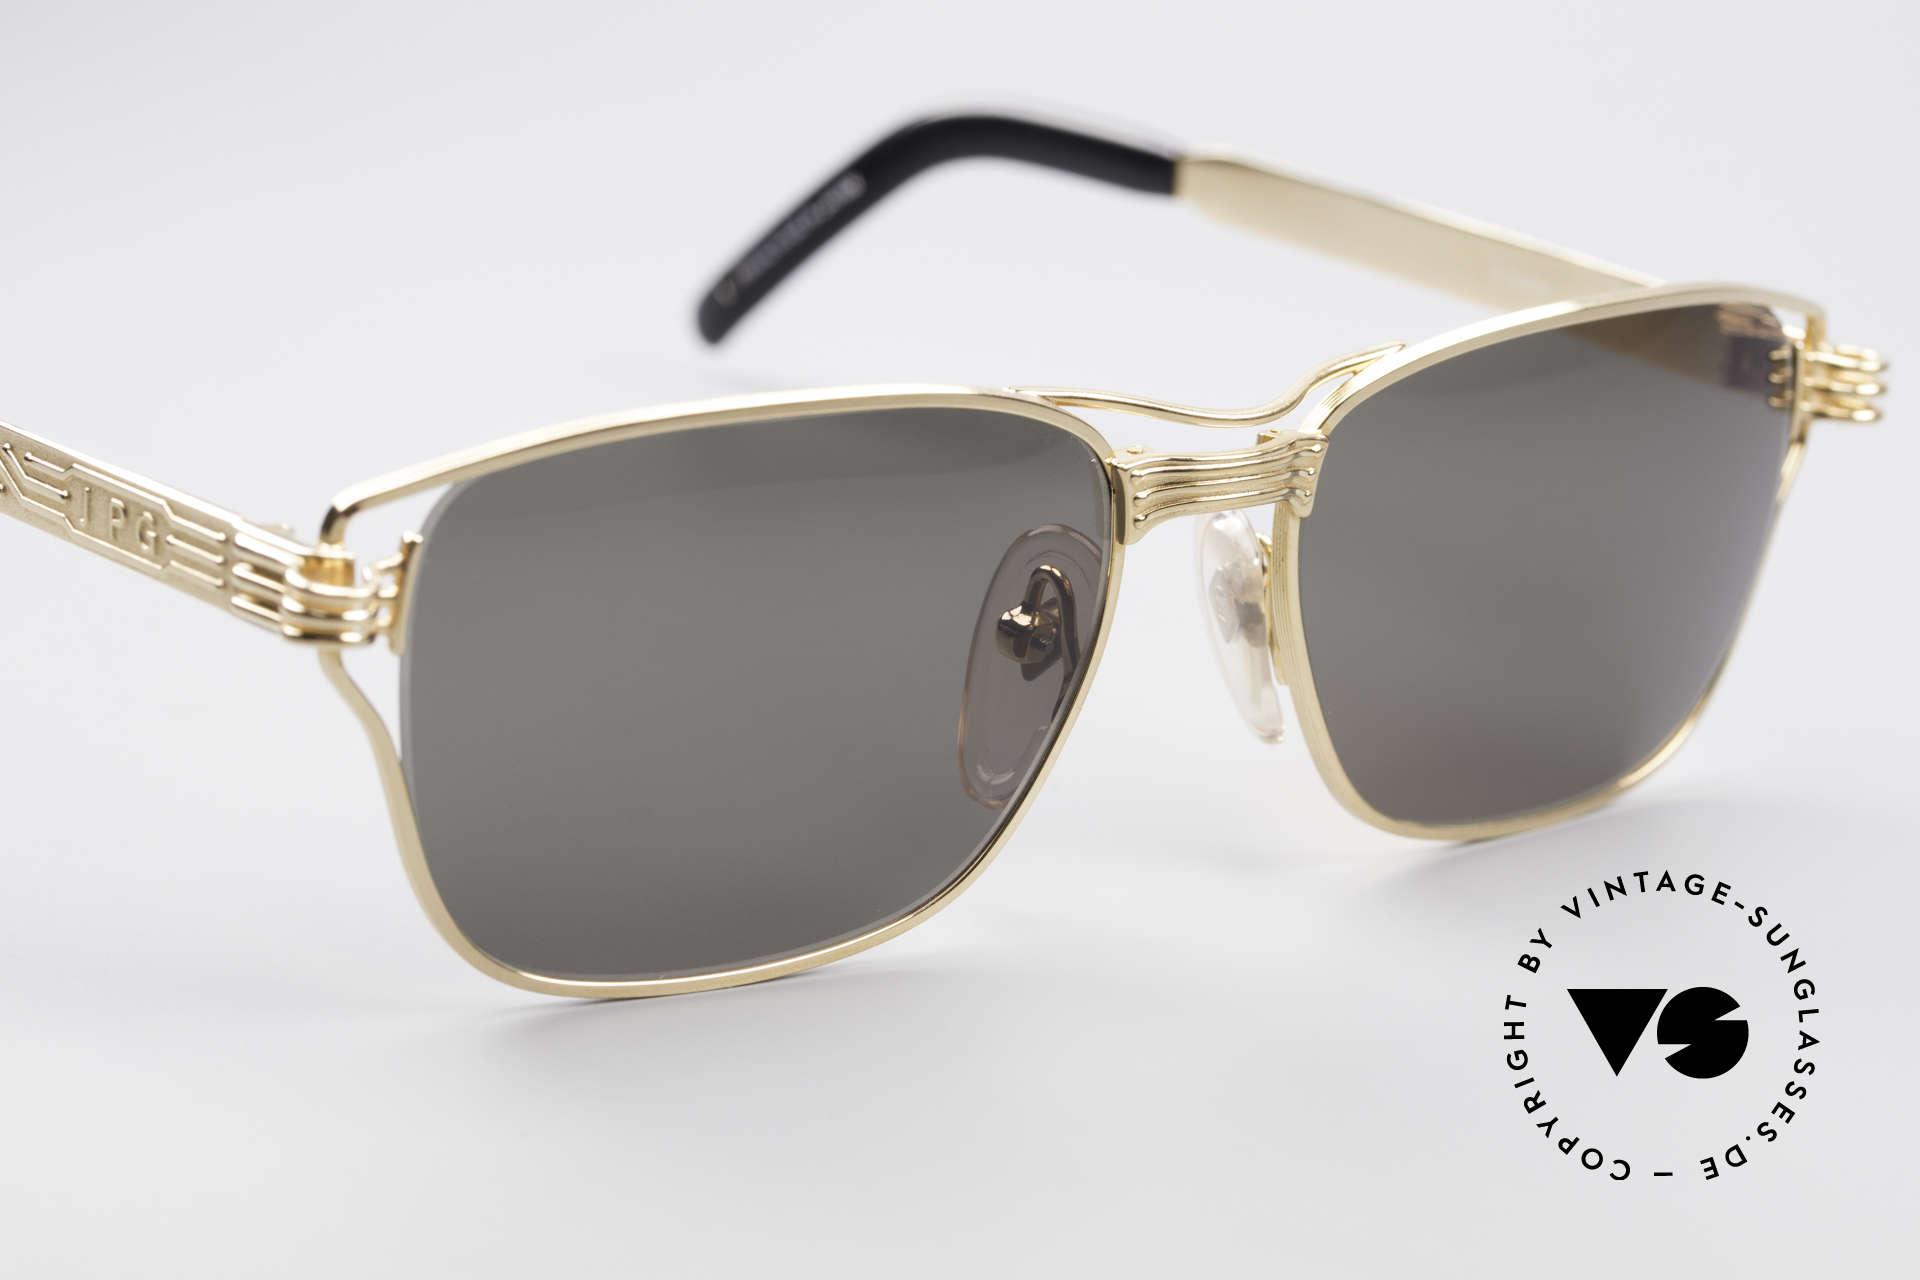 Jean Paul Gaultier 56-4173 Eckige Designer Sonnenbrille, ungetragen (wie jede alte JPG Sonnenbrille hier), Passend für Herren